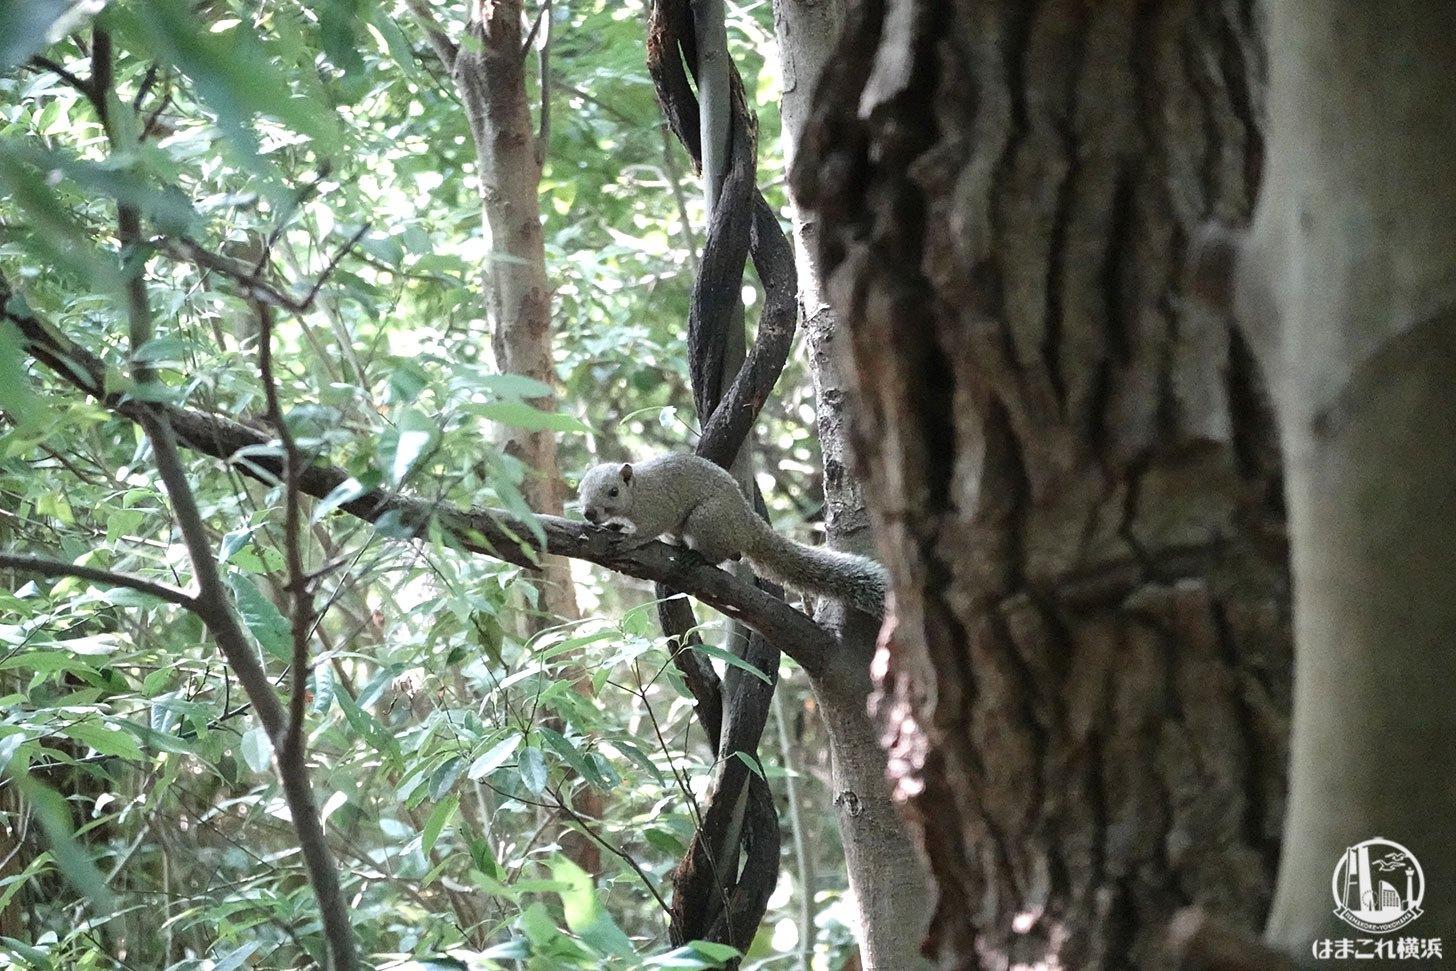 舞岡公園で見つけたリス